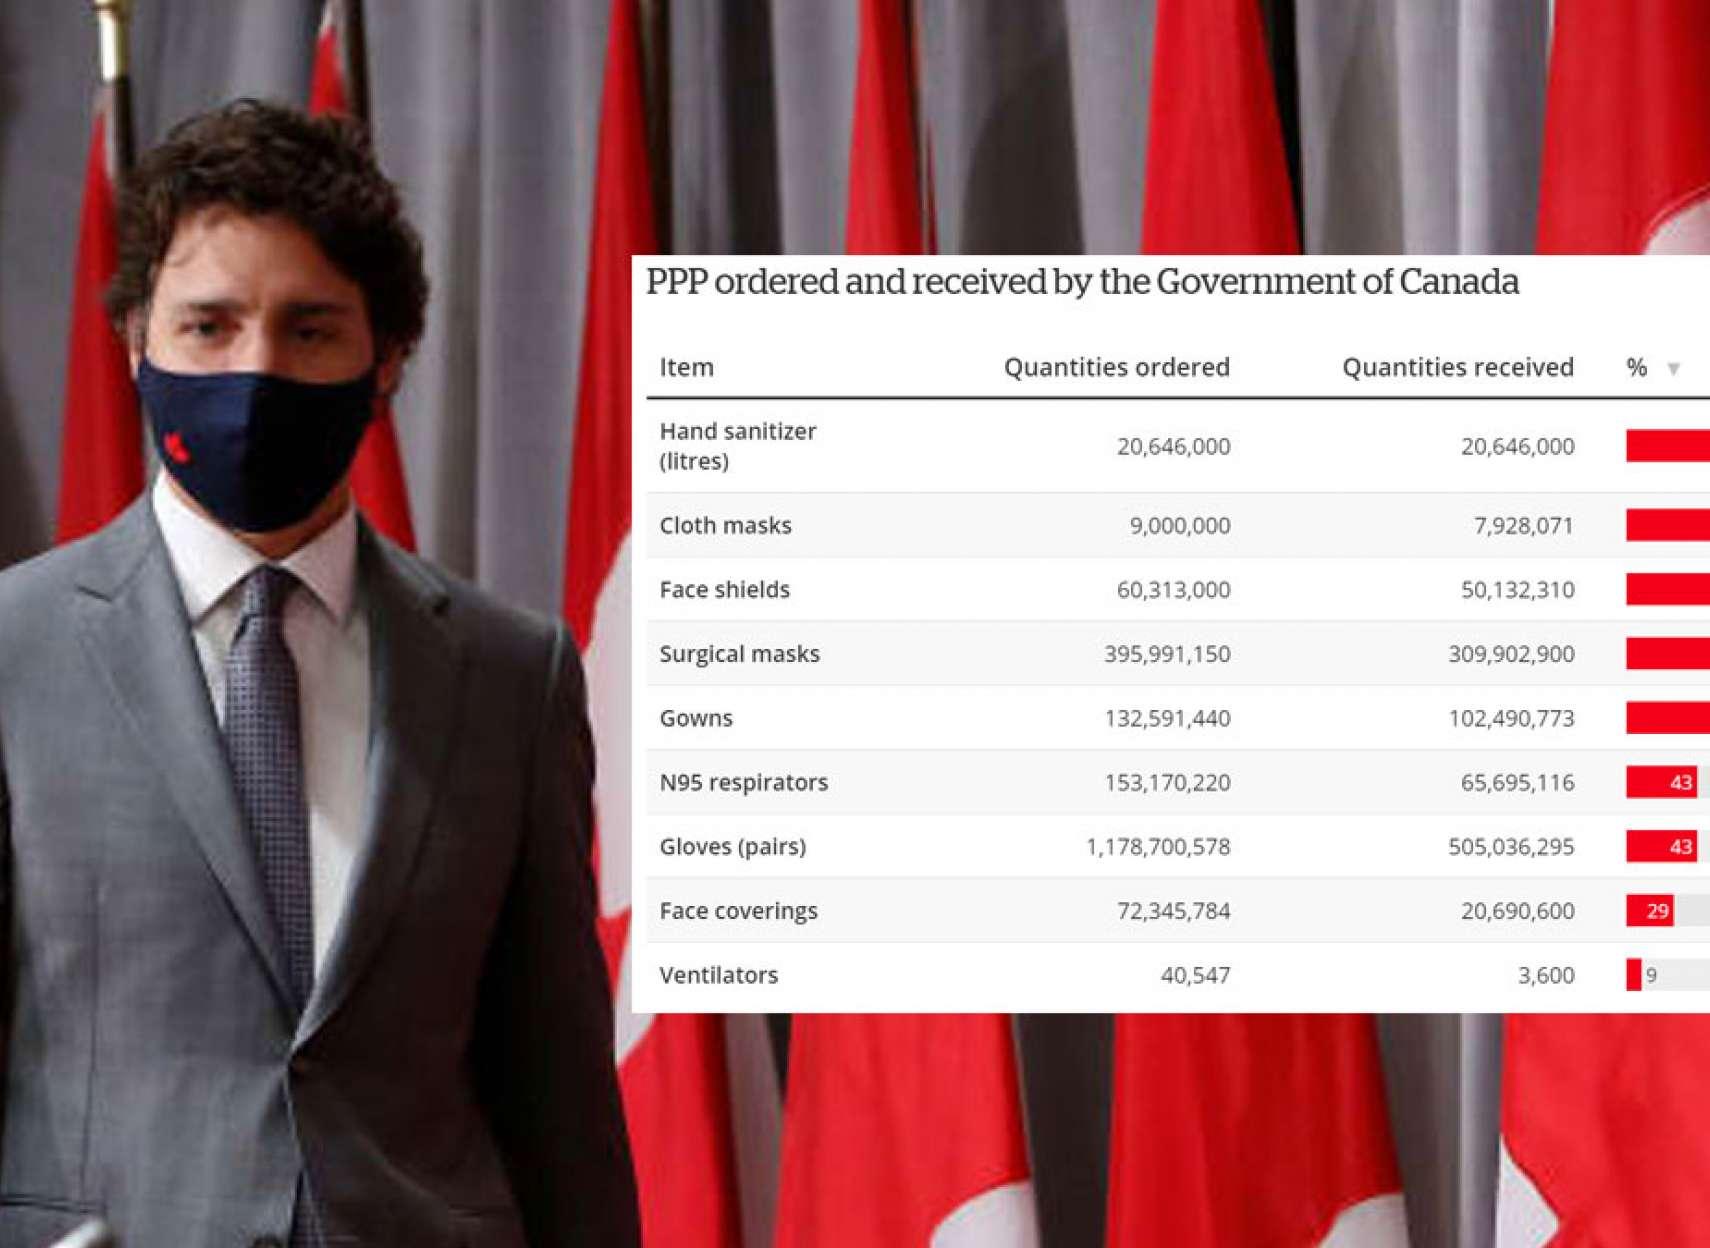 اخبار-کانادا-مهمترین-بیمارستان-سرطان-کانادا-کرونایی-شد-تست-سریع-توزیع-شد